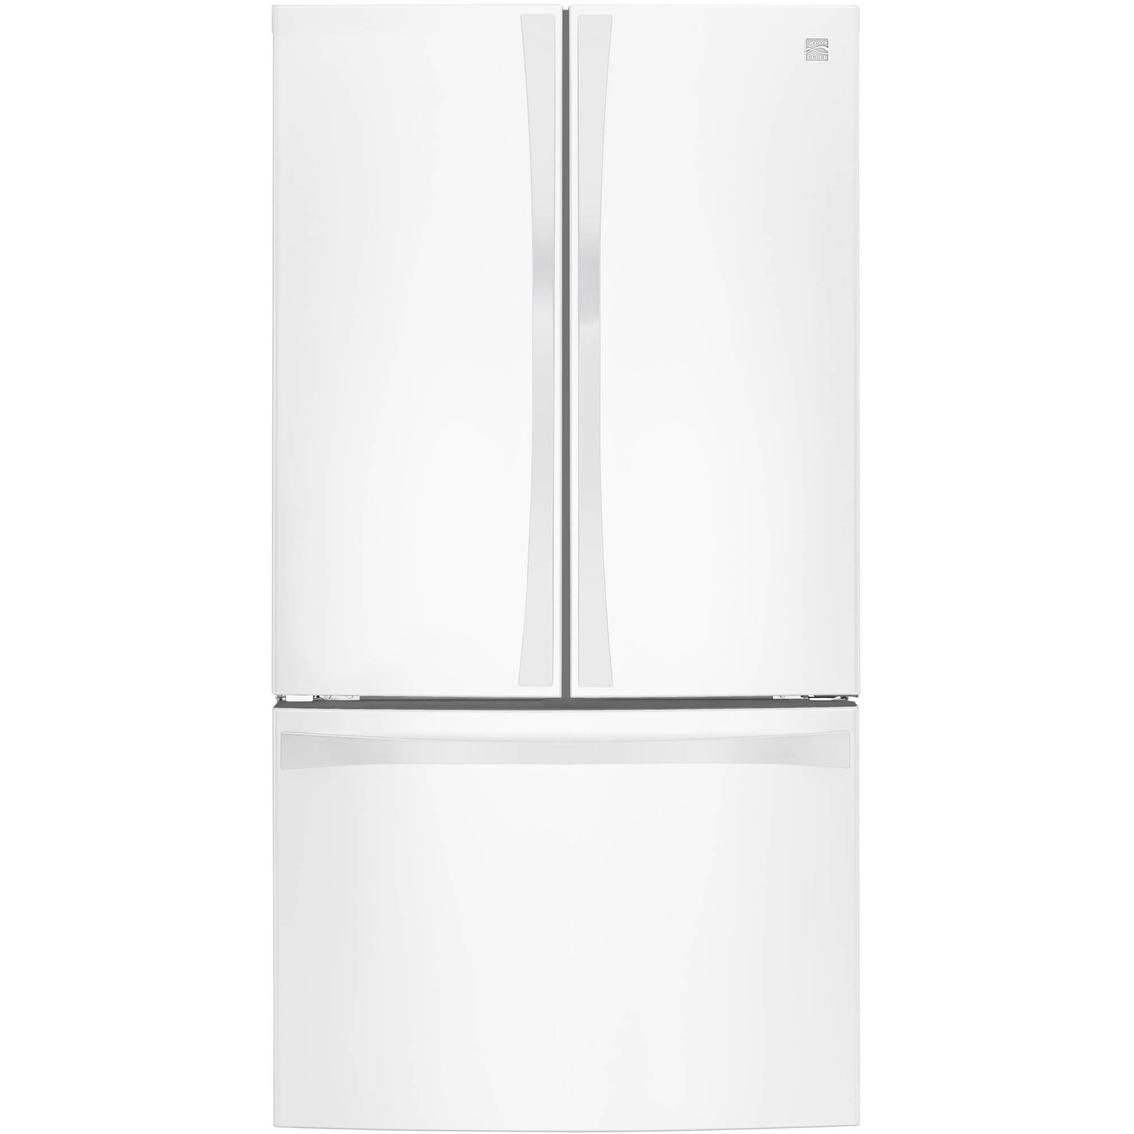 Kenmore Elite 30 6 Cu Ft French Door Bottom Freezer Refrigerator